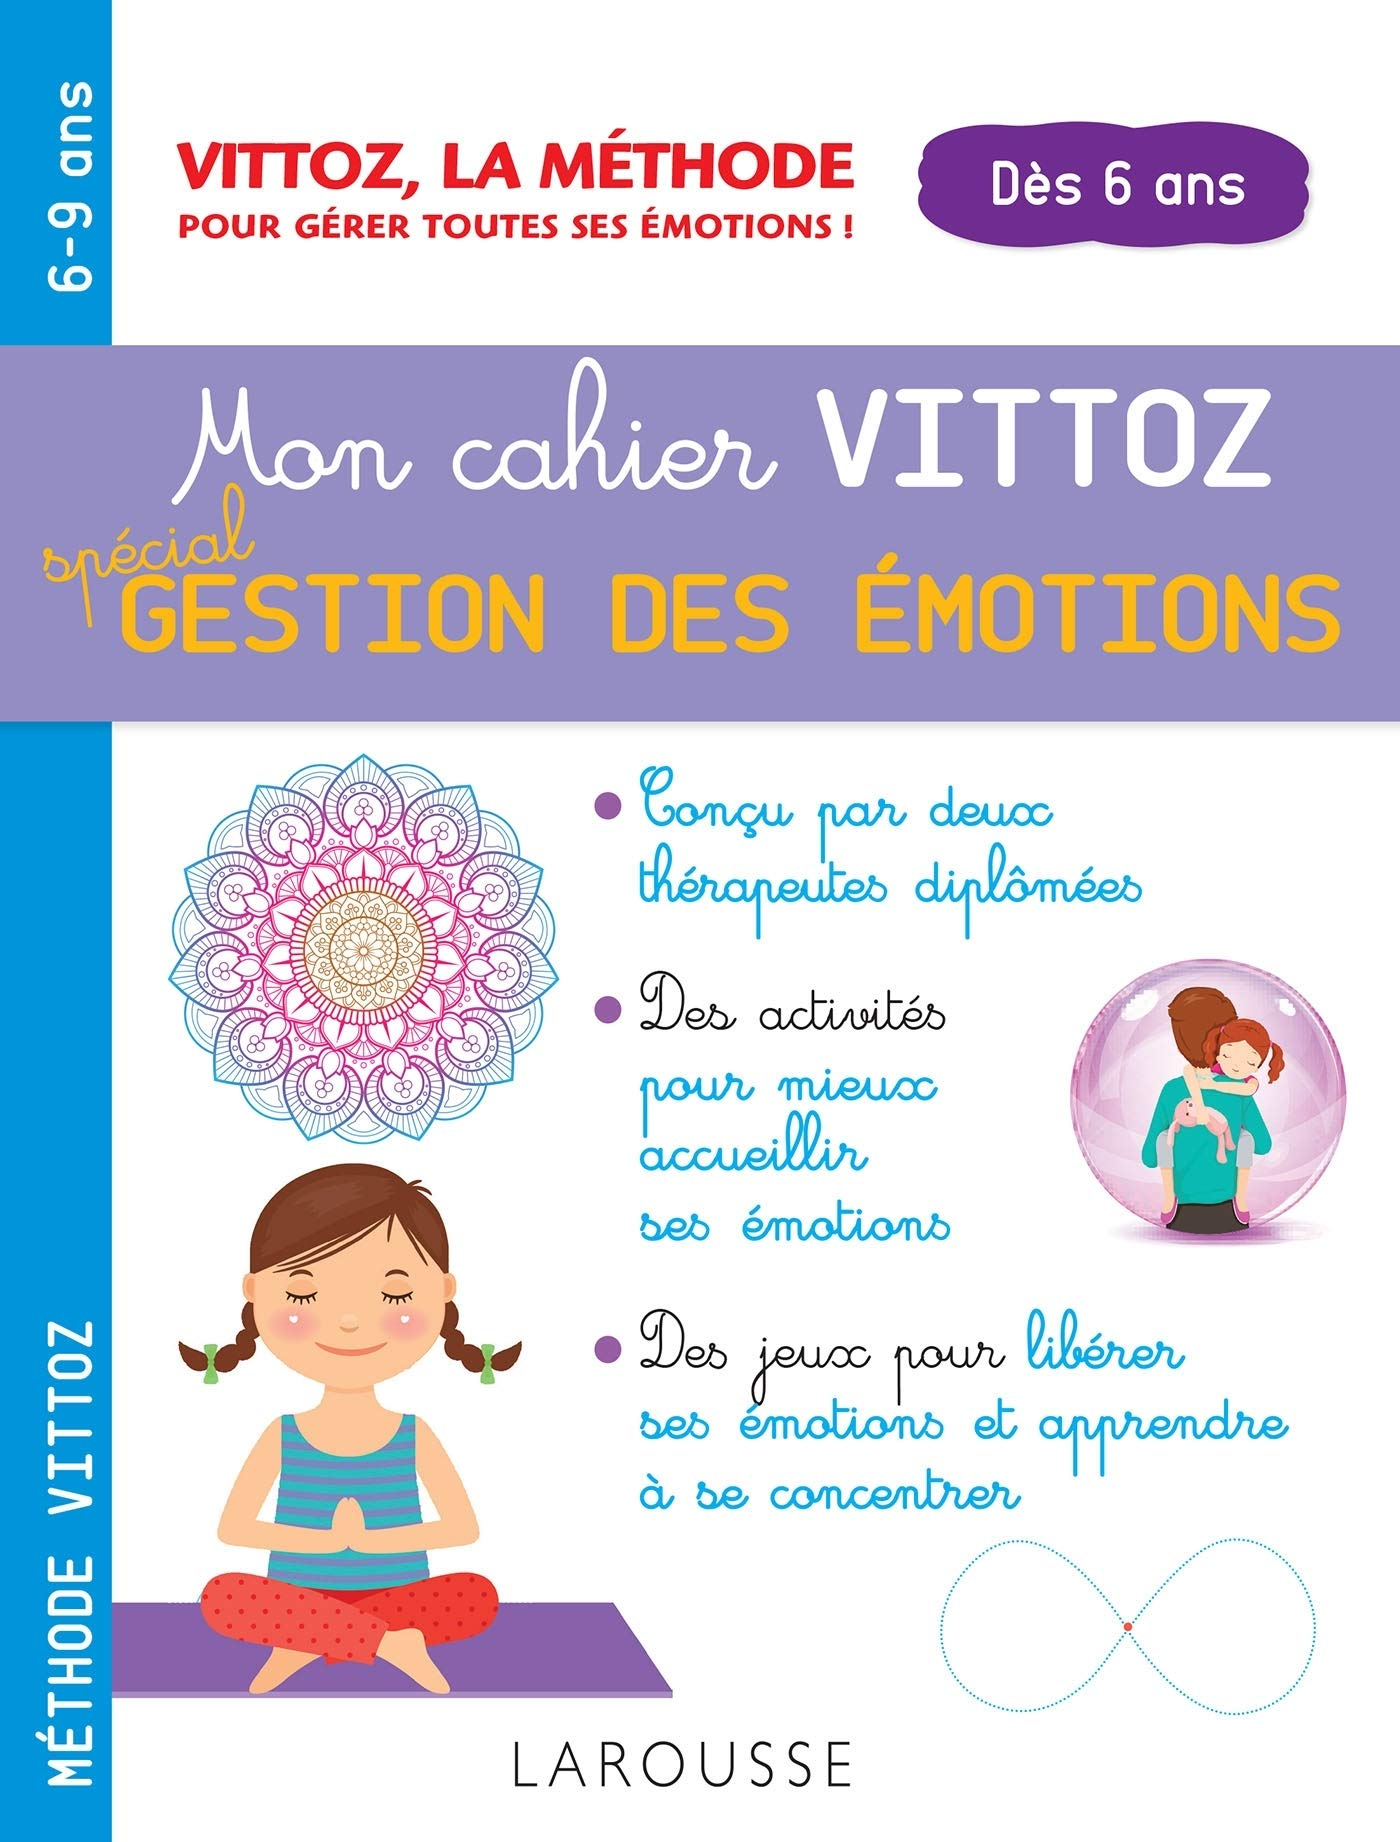 Mon cahier Vittoz, spécial gestion des émotions (6 ans et +)